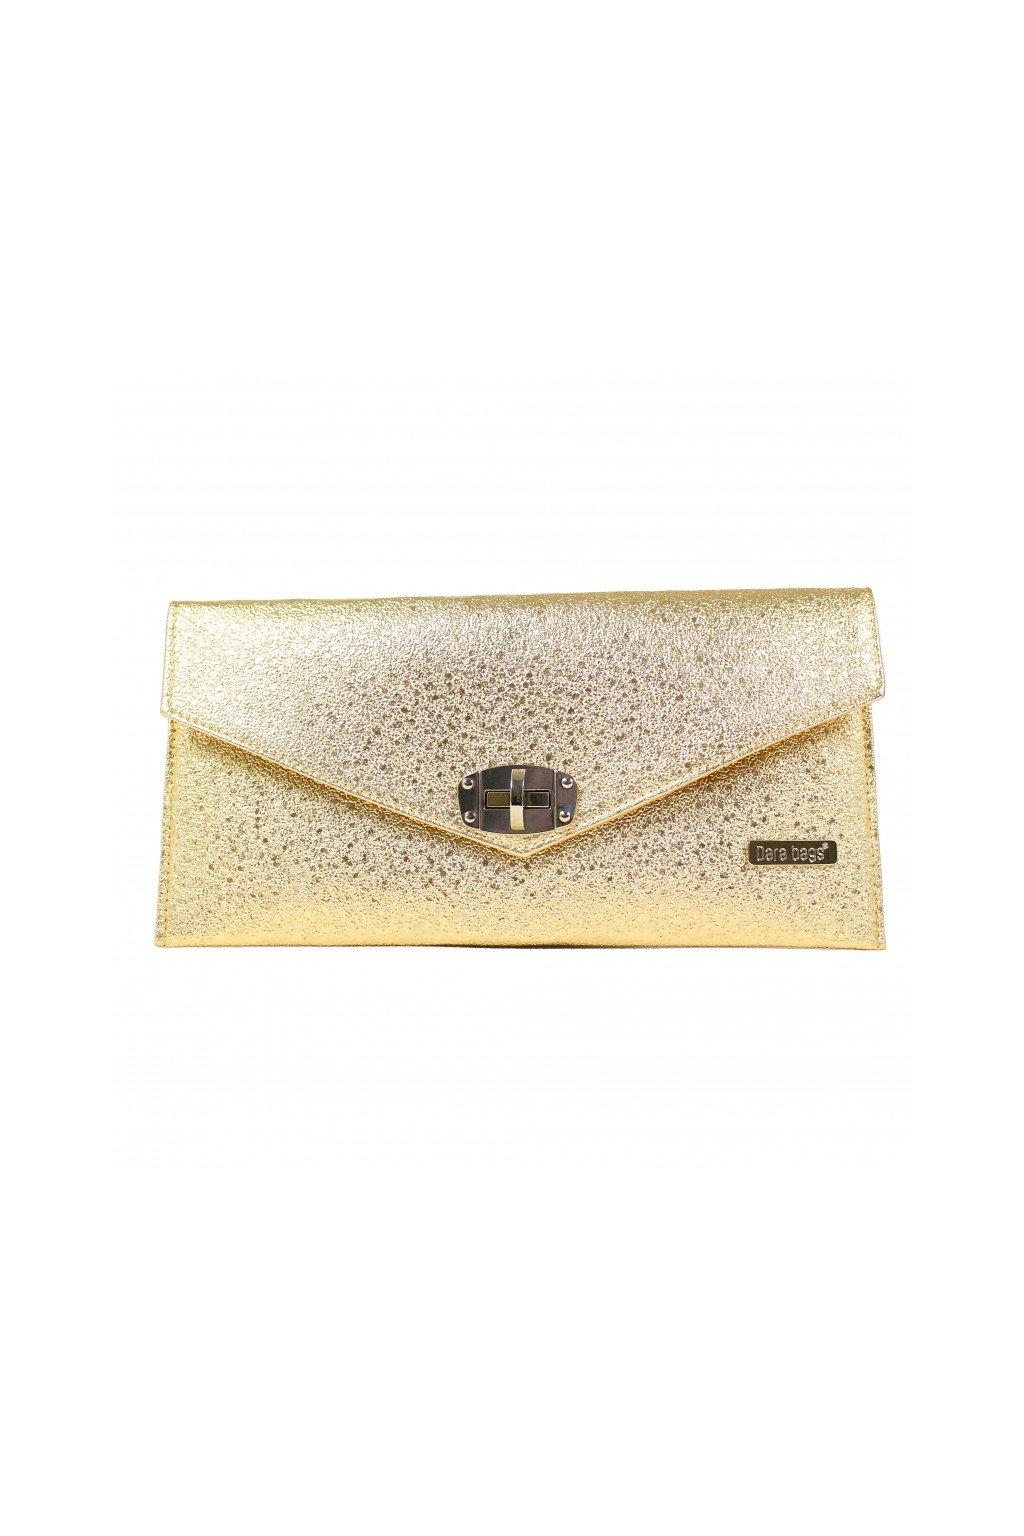 Malá třpytivá kabelka Malibu Classy zlatá 1